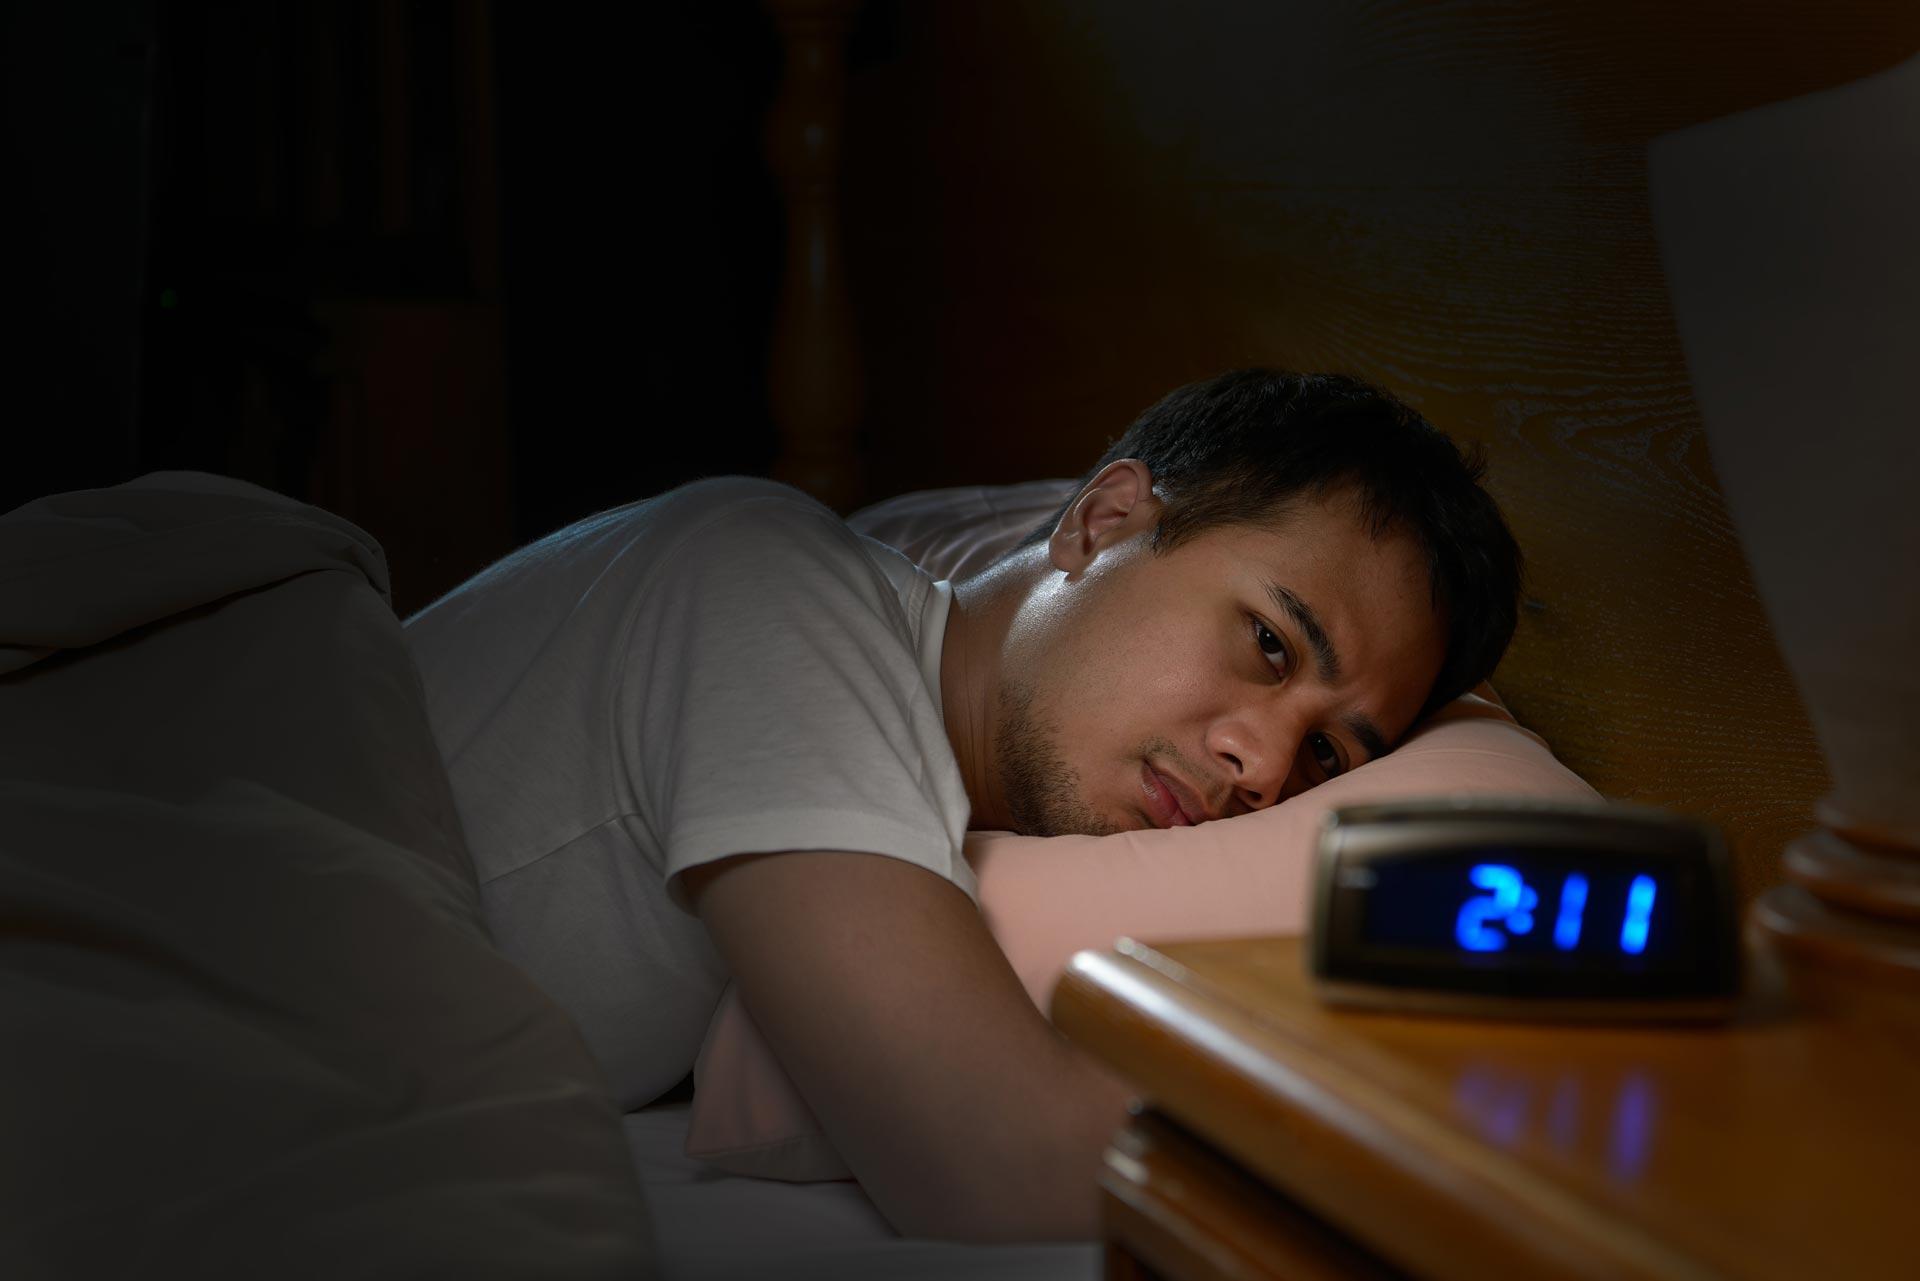 Hoe beter slapen? 10 tips om sneller in slaap te vallen